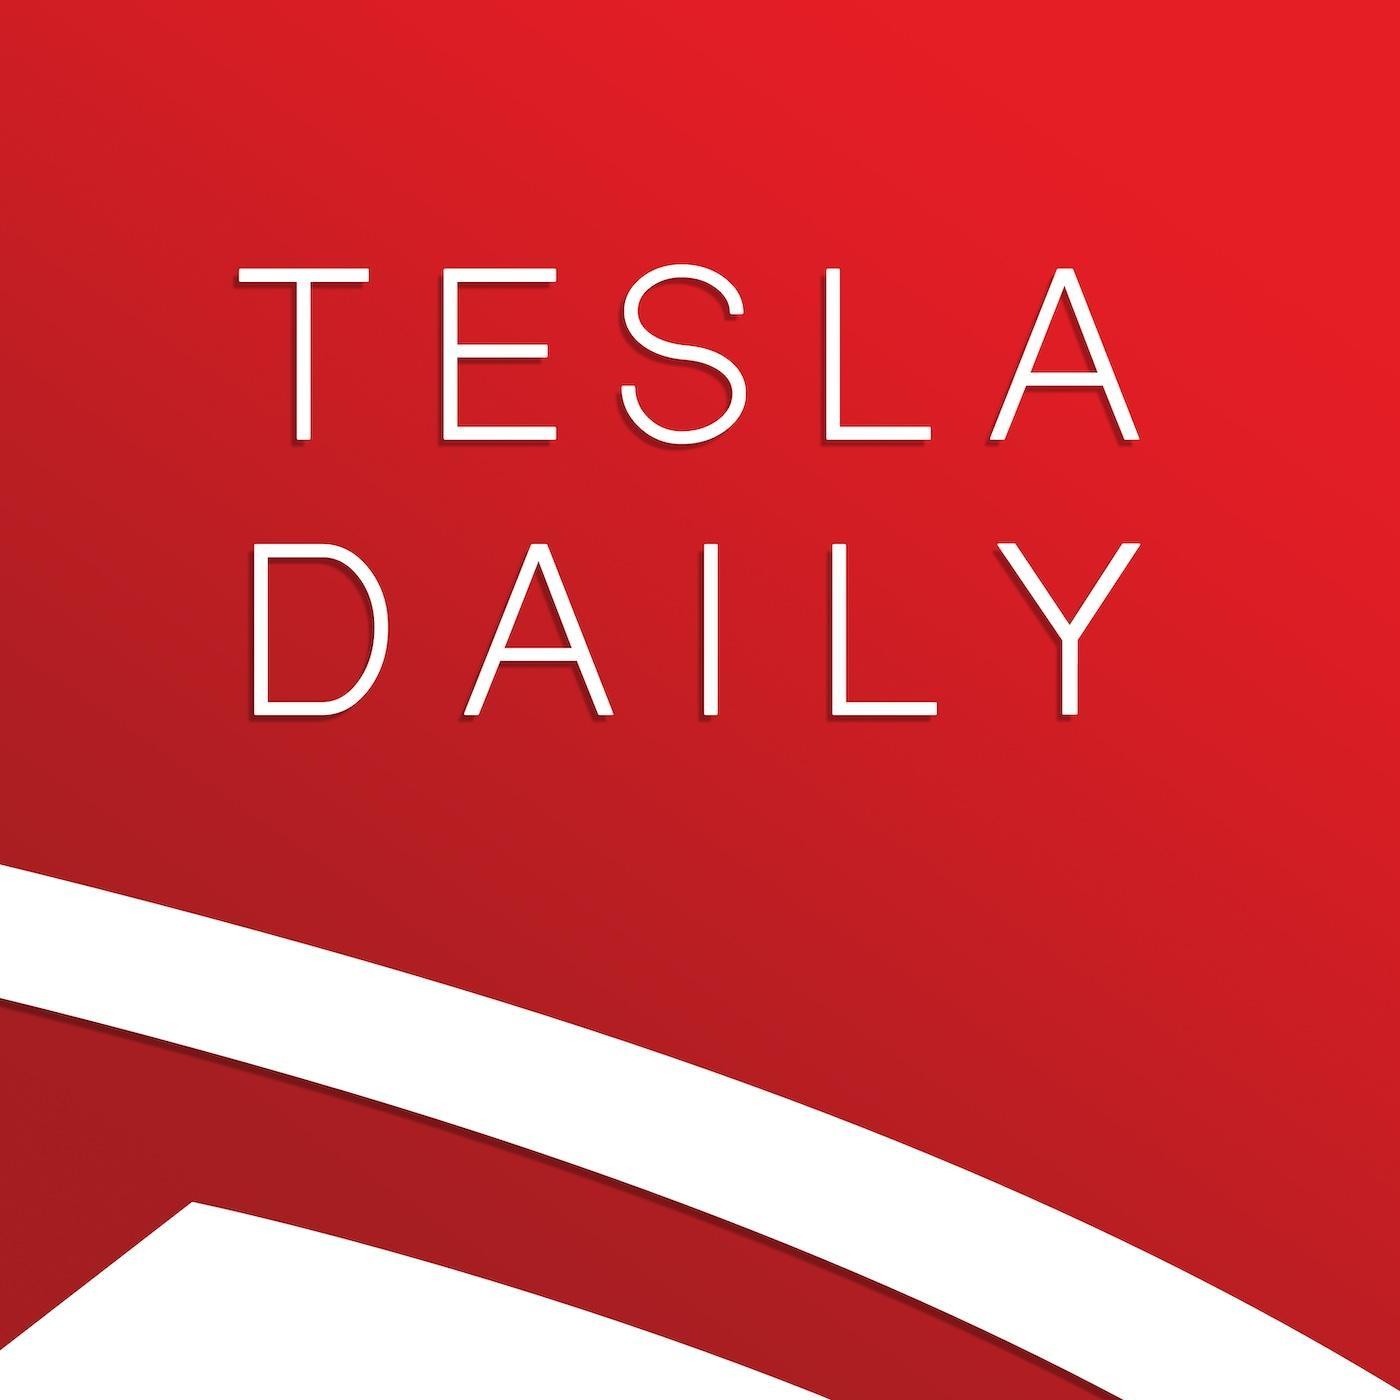 New Solar Roof Design, Tesla India, Starbase Texas, Volvo, Nio (03.02.21)